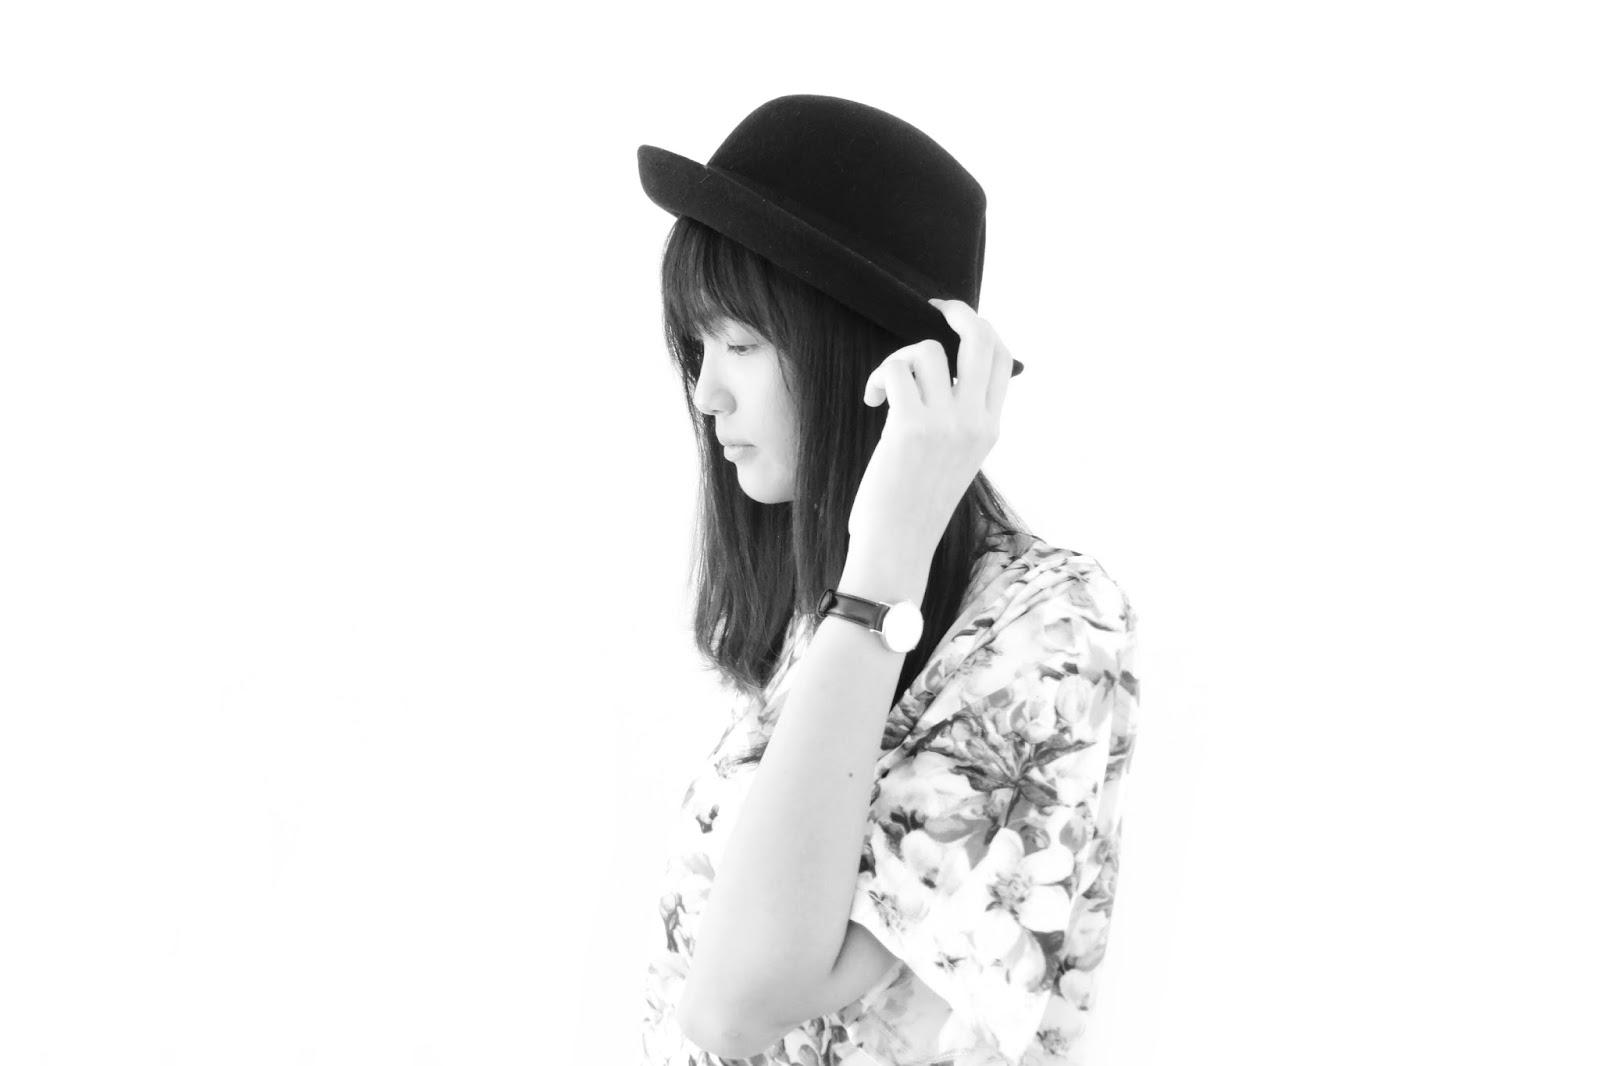 photo%2B2.JPG